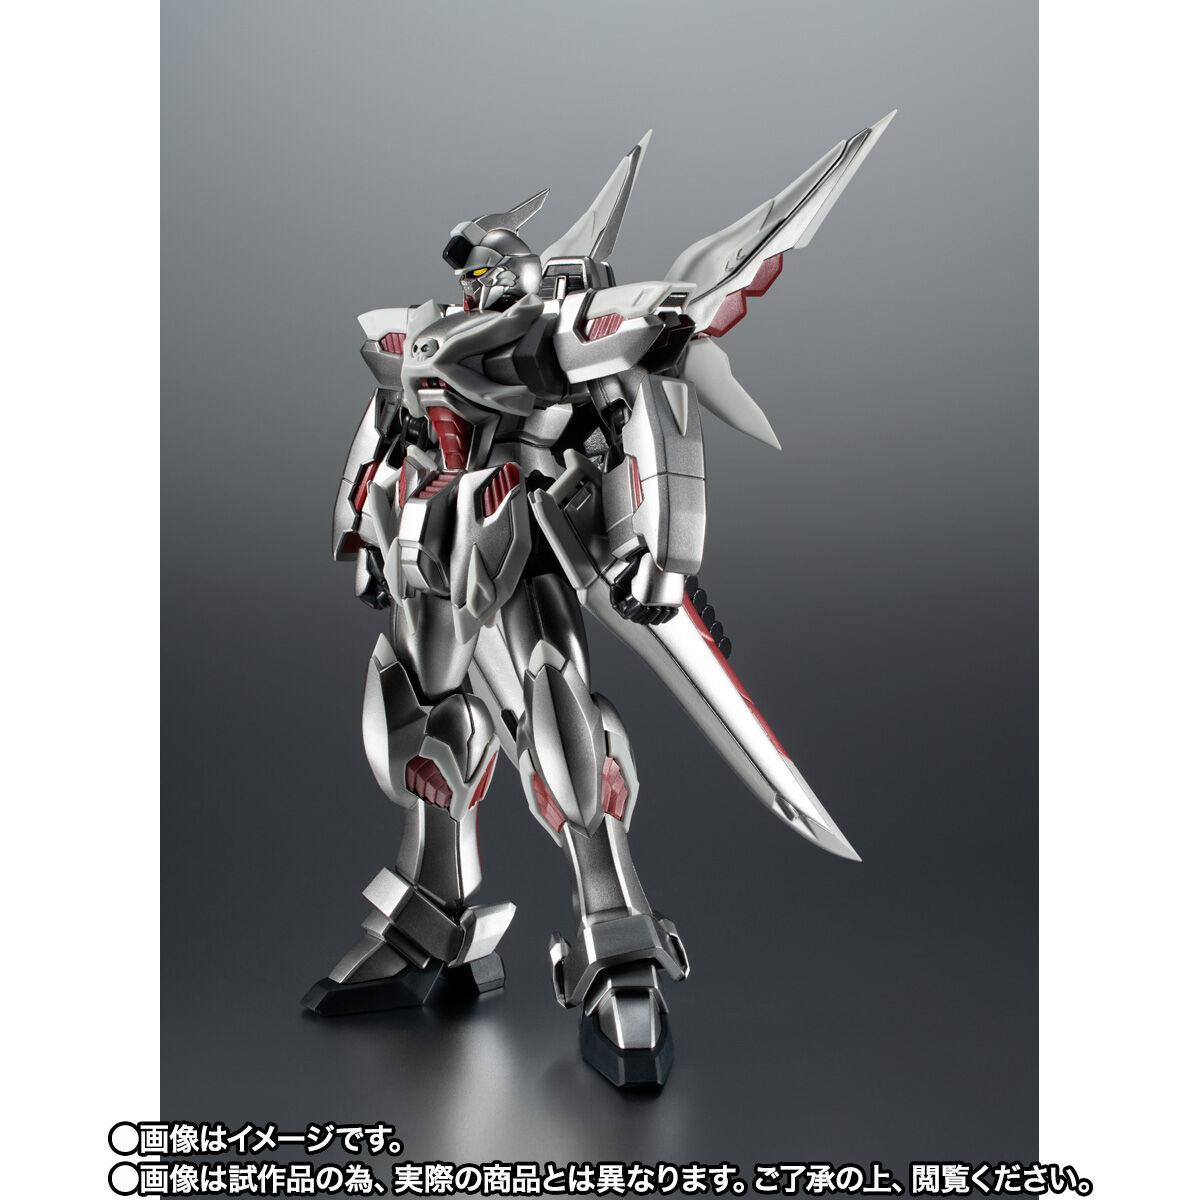 【限定販売】ROBOT魂〈SIDE MS〉『ゴーストガンダム』クロスボーン・ガンダム 可動フィギュア-002